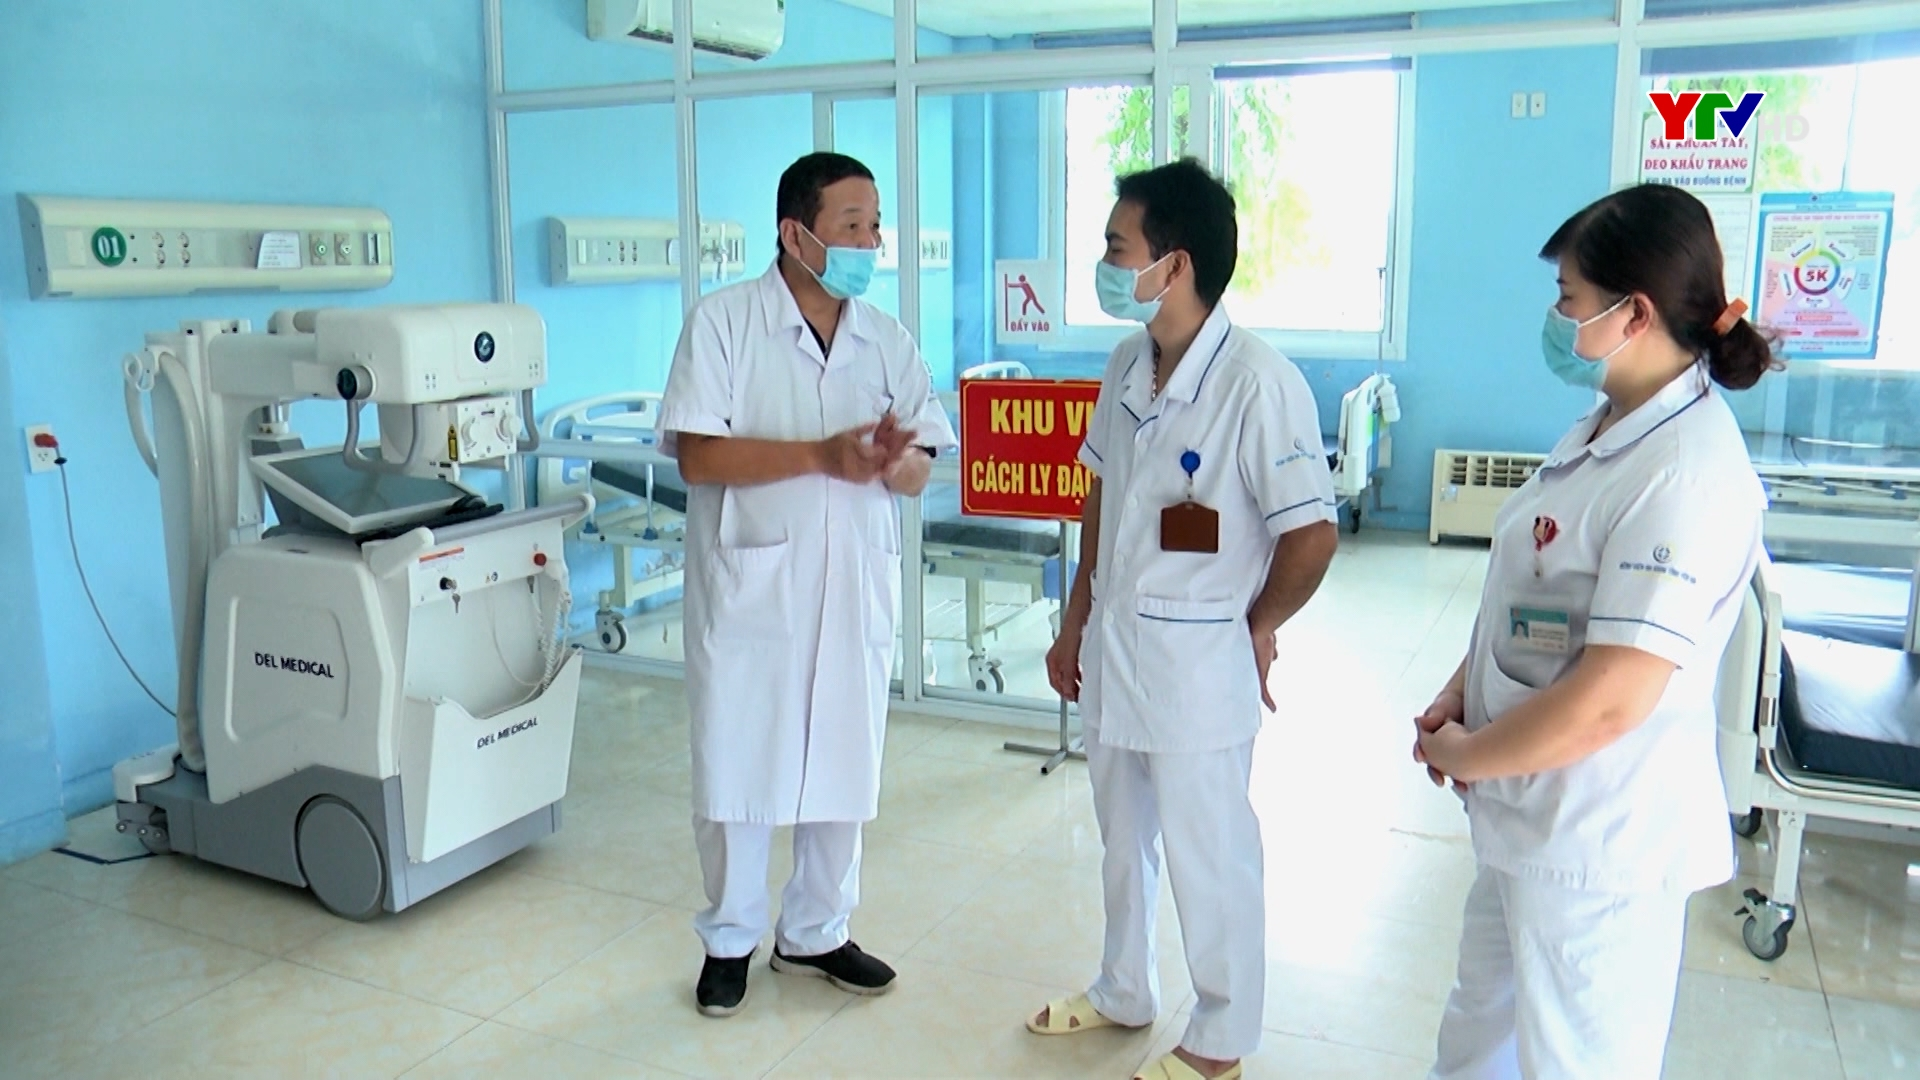 Các bệnh viện ứng trực trong những ngày nghỉ lễ